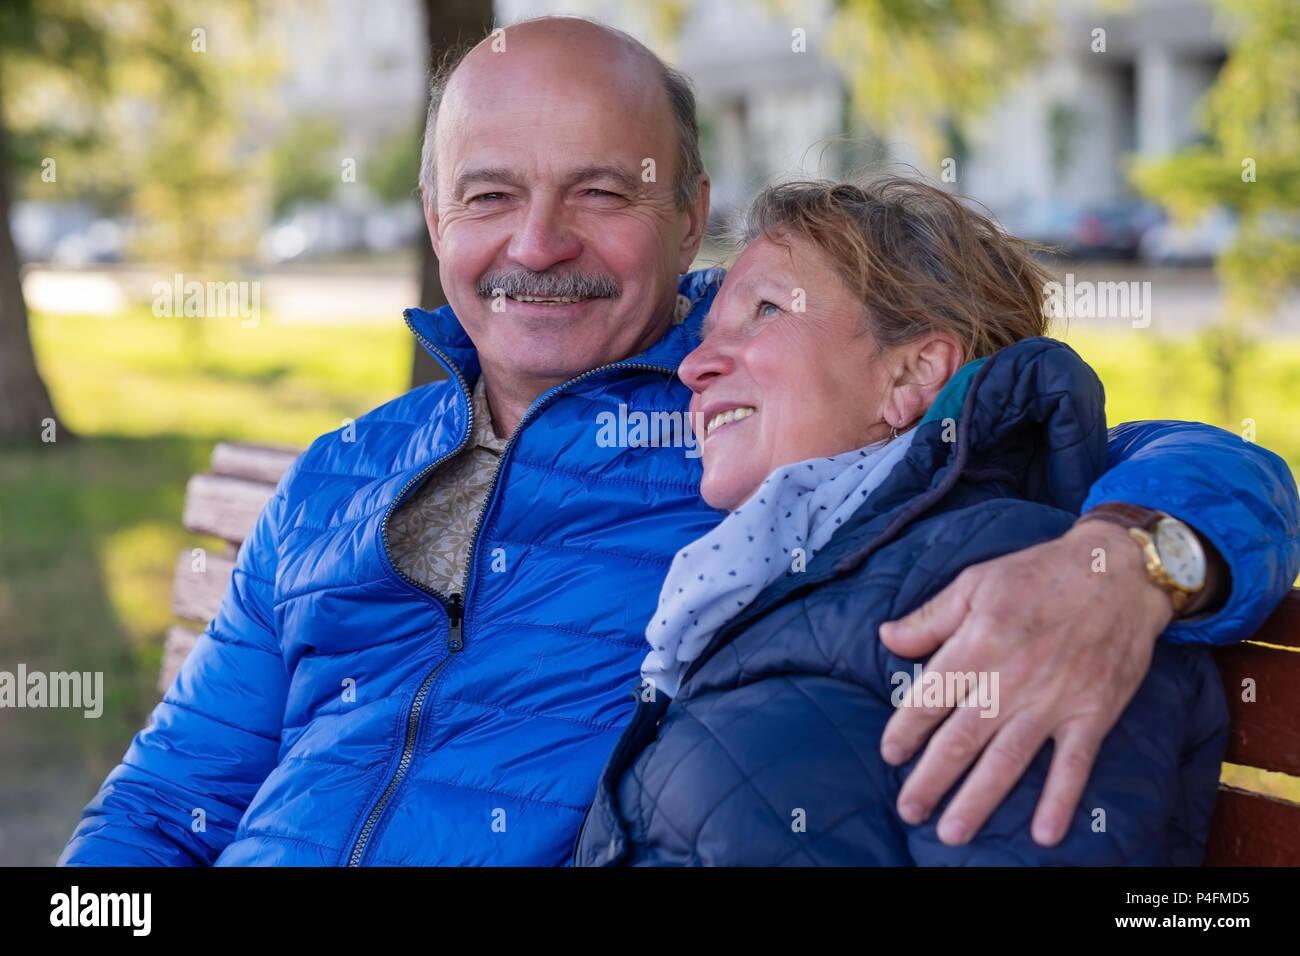 Matura coppia europea camminando sulla strada in buone condizioni meteorologiche in primavera. Gli amanti spanding tempo insieme. Immagini Stock